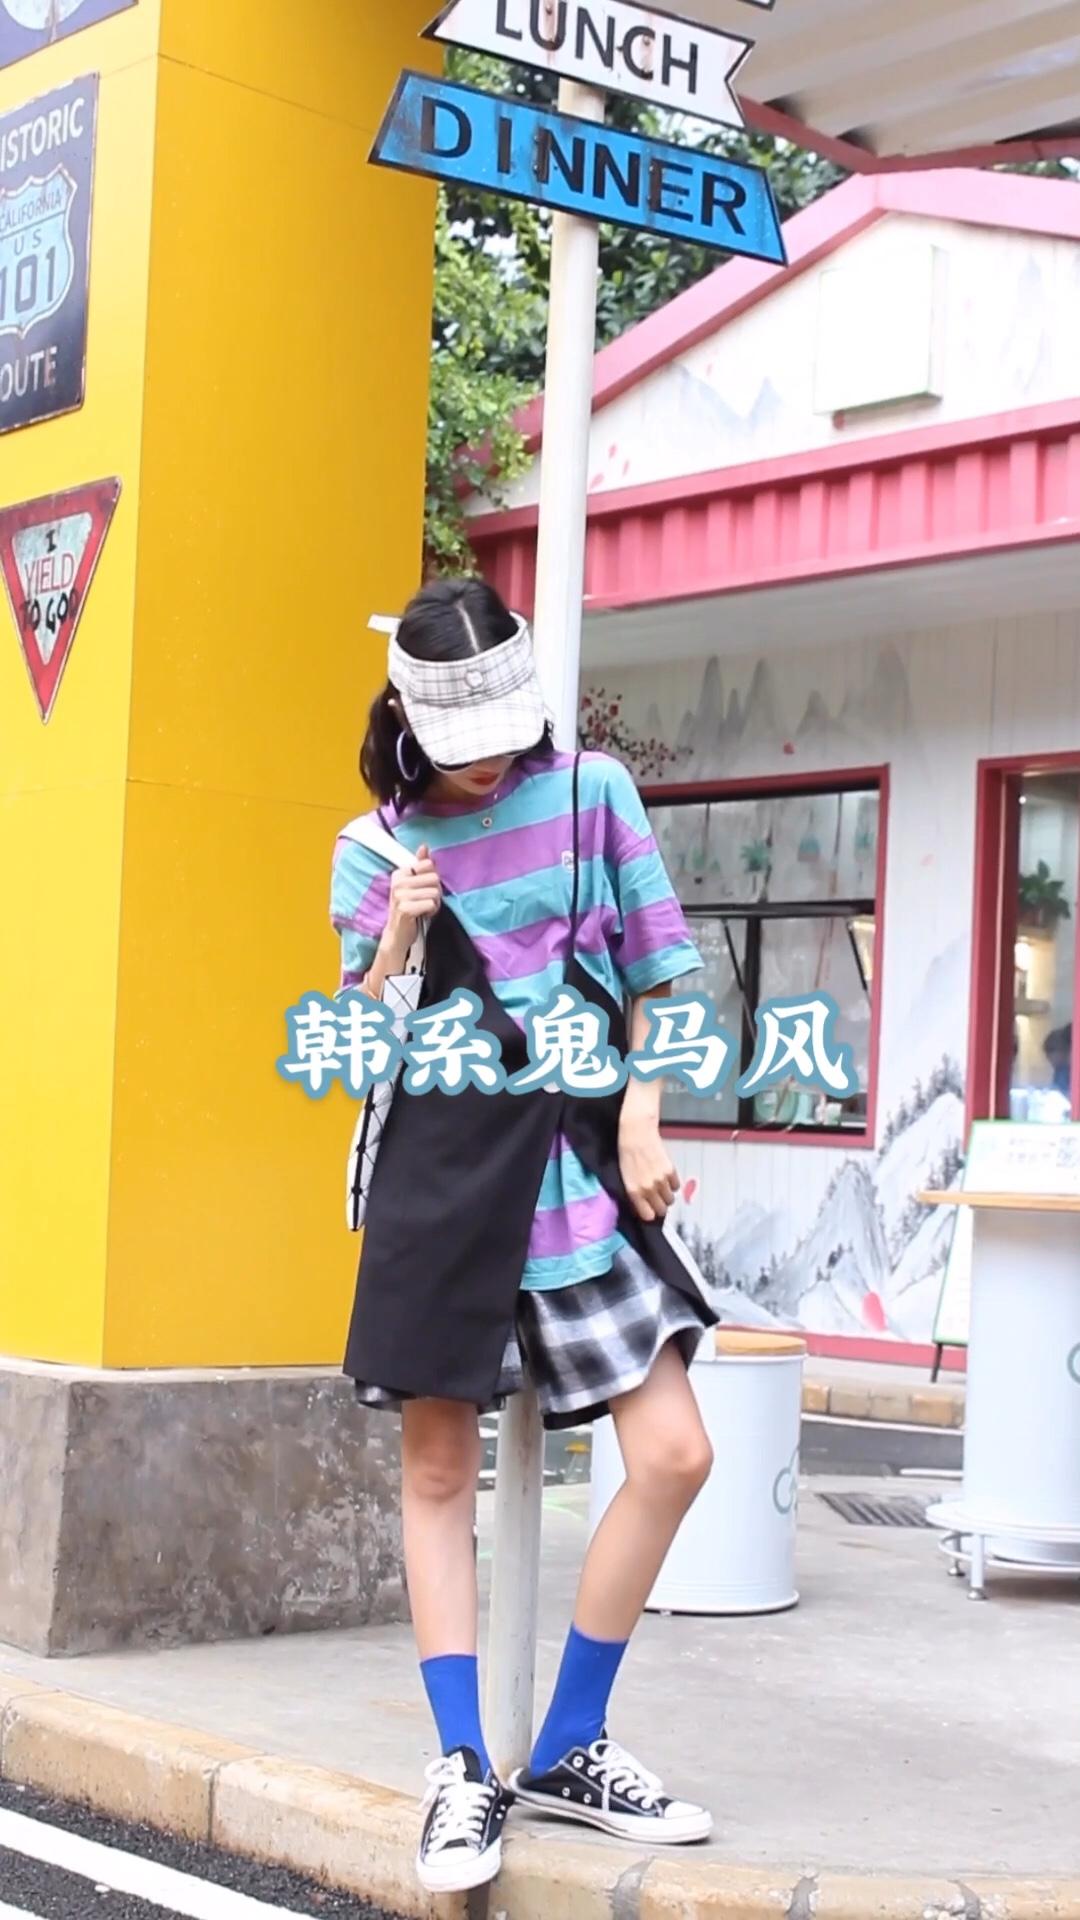 番茄分享🍅小个子穿搭指南|韩系鬼马精灵风~ 给大家分享一套韩系鬼马精灵风穿搭Look 希望大家能喜欢哦💕 上衣是一件蓝紫色条纹T恤~下搭穿的是一条黑白格子短裤~外搭搭一件个性吊带马甲即可~ 再穿一双蓝色的袜子➕一双百搭的帆布鞋➕一个百搭的休闲包包➕耳环帽子墨镜就OK啦! 这样的穿搭又混搭又时尚又好看!你会喜欢吗 喜欢记得点赞收藏➕关注我哦!我会每周都给大家更新不同的穿搭秘诀呢#初秋藏肉第一课,超显瘦!#